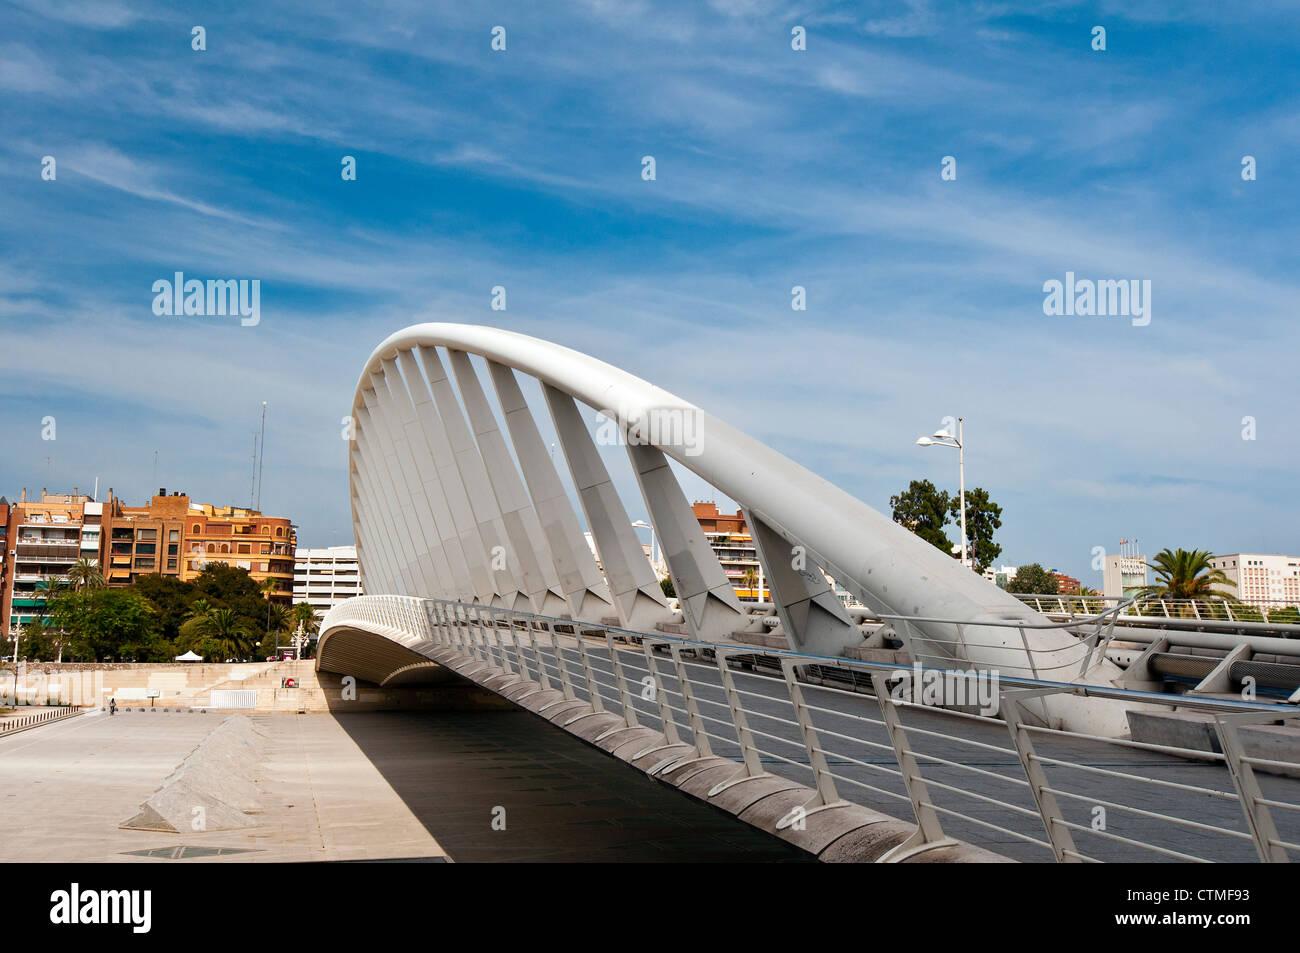 Puente de exposición por el arquitecto Santiago Calatrava, Valencia, España Imagen De Stock